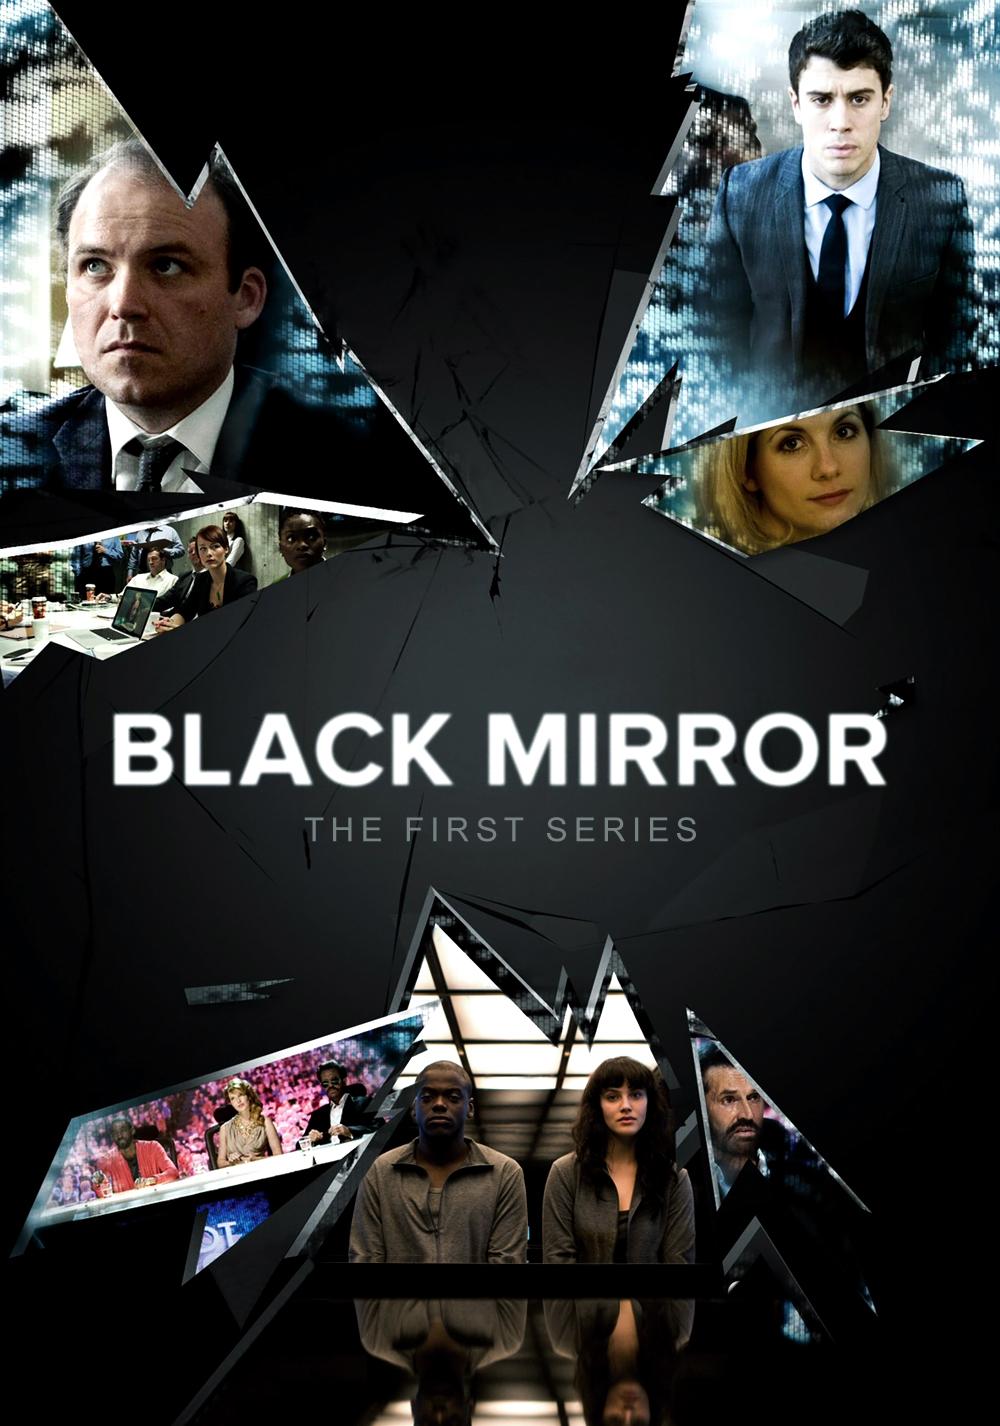 Bildergebnis für black mirror serie plakat